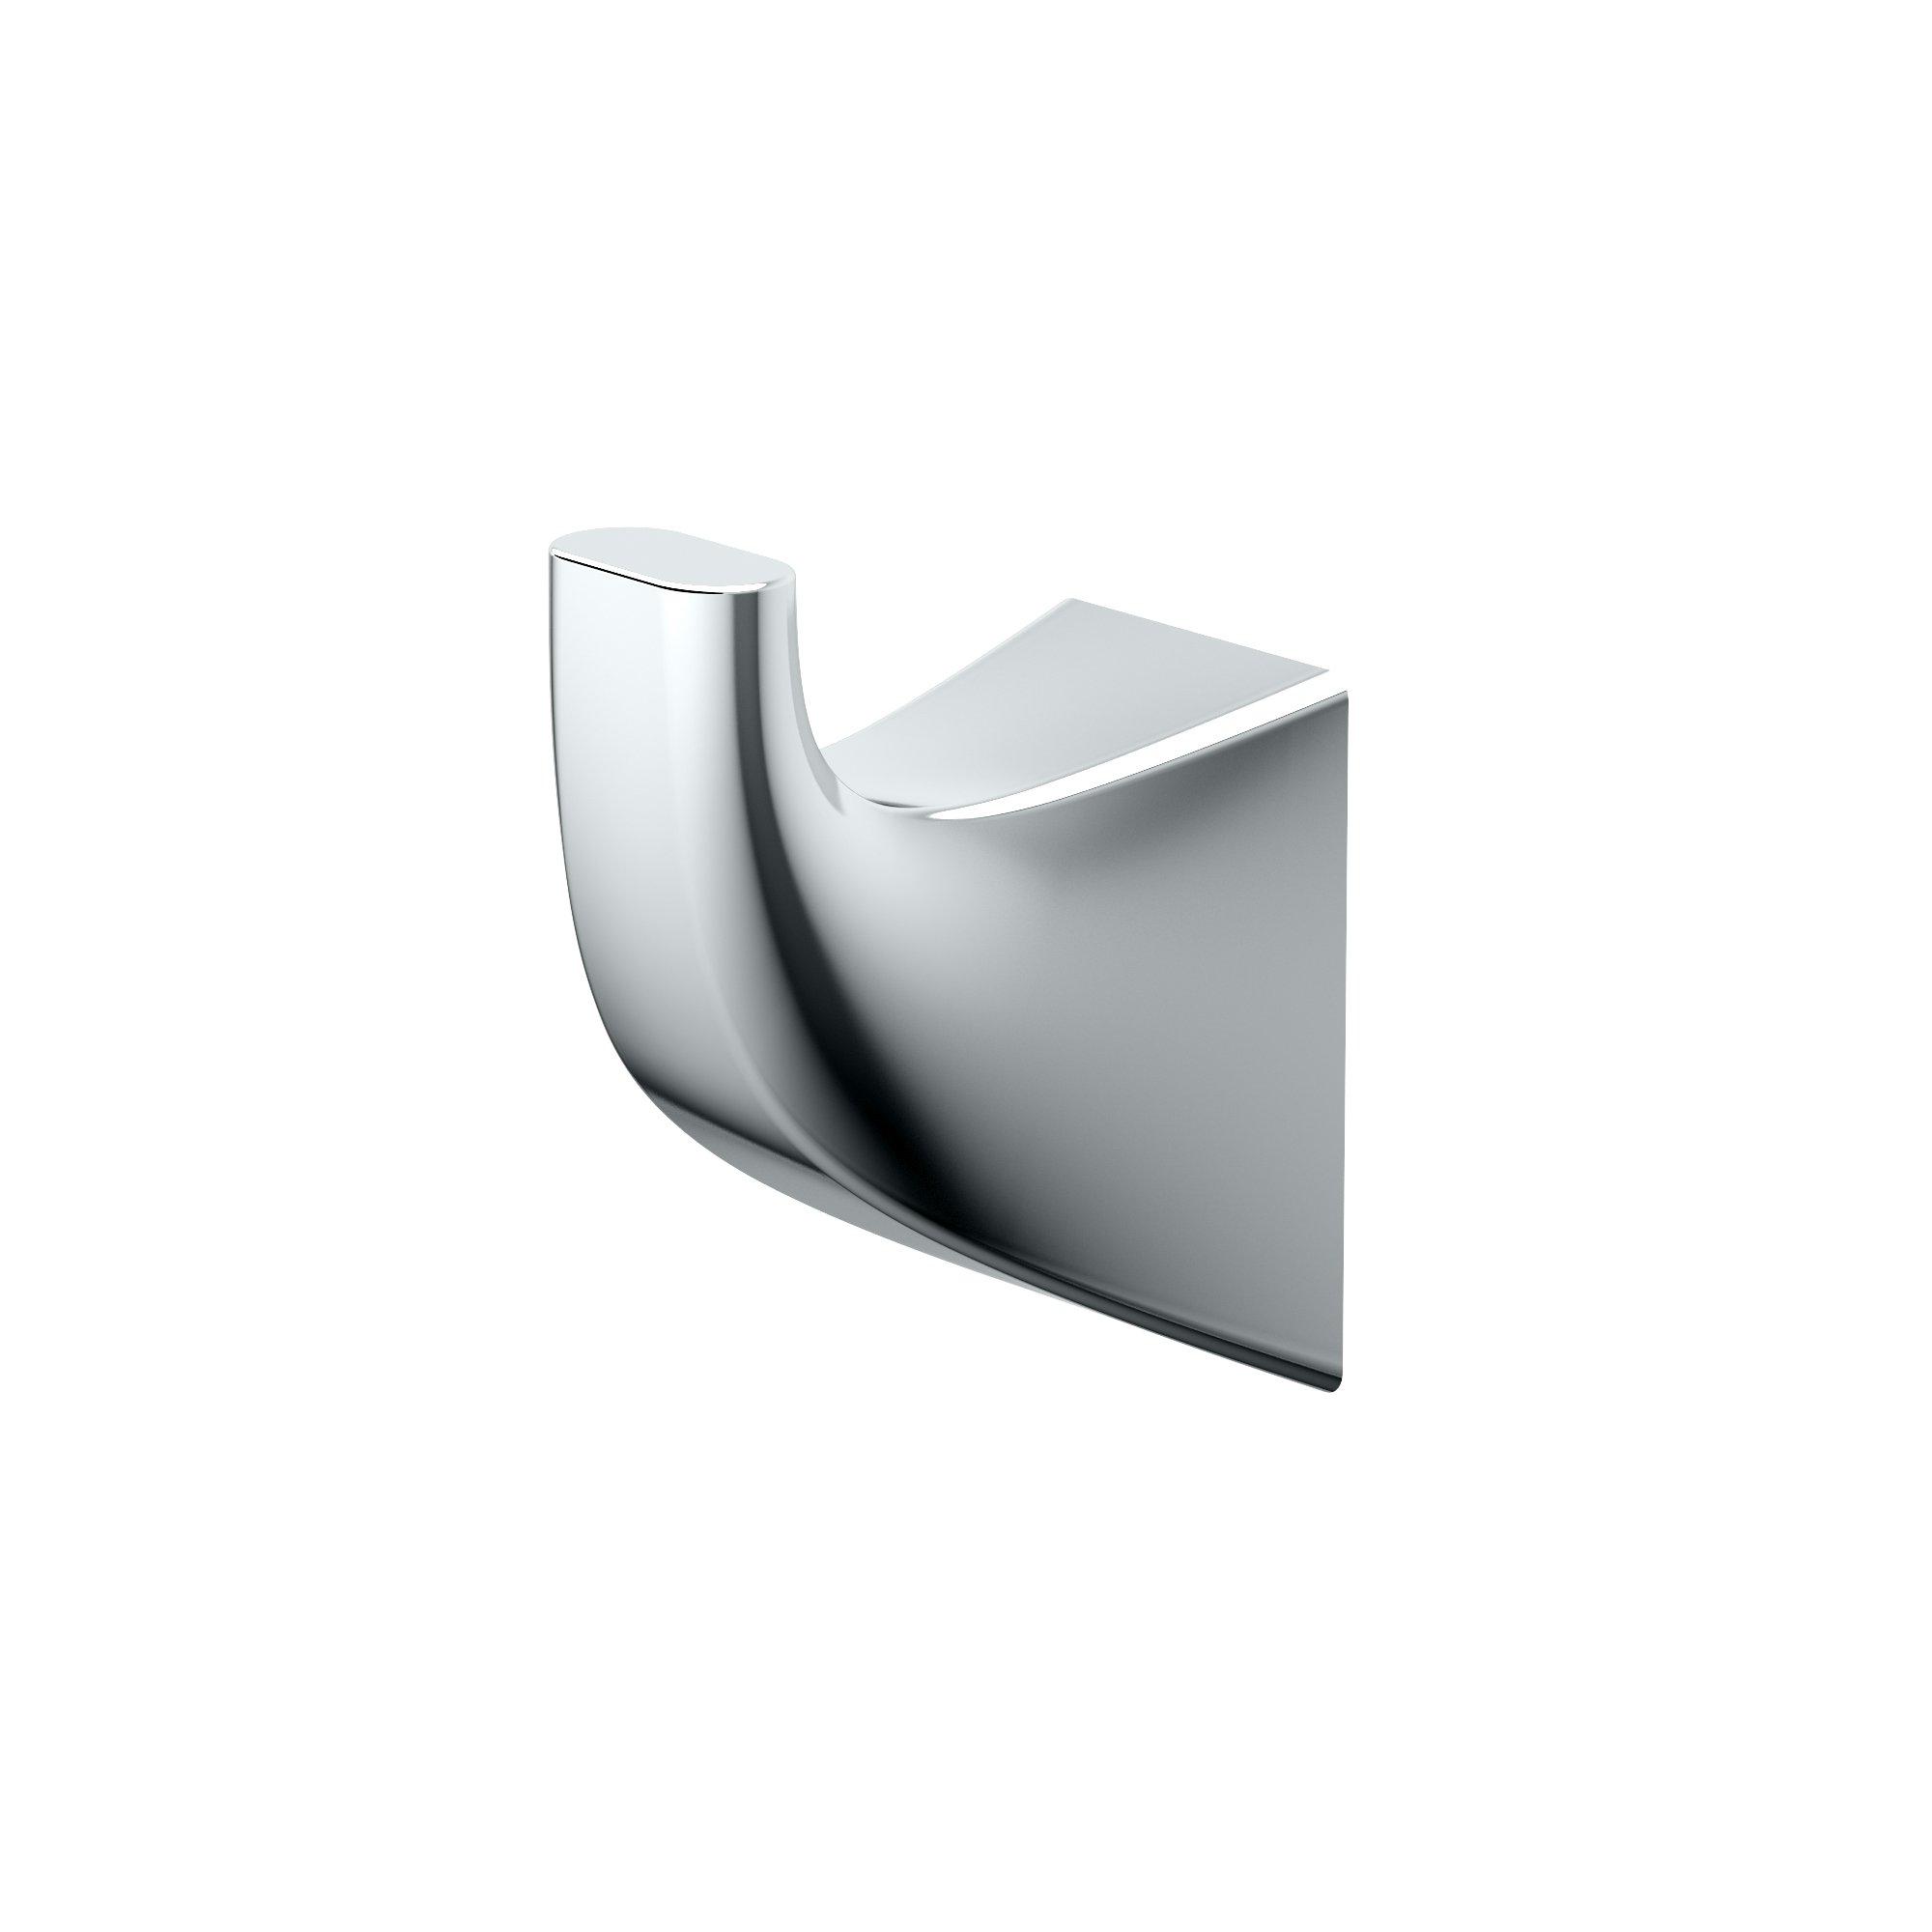 Gatco 5175 Quantra Bathroom Robe Hook, Chrome